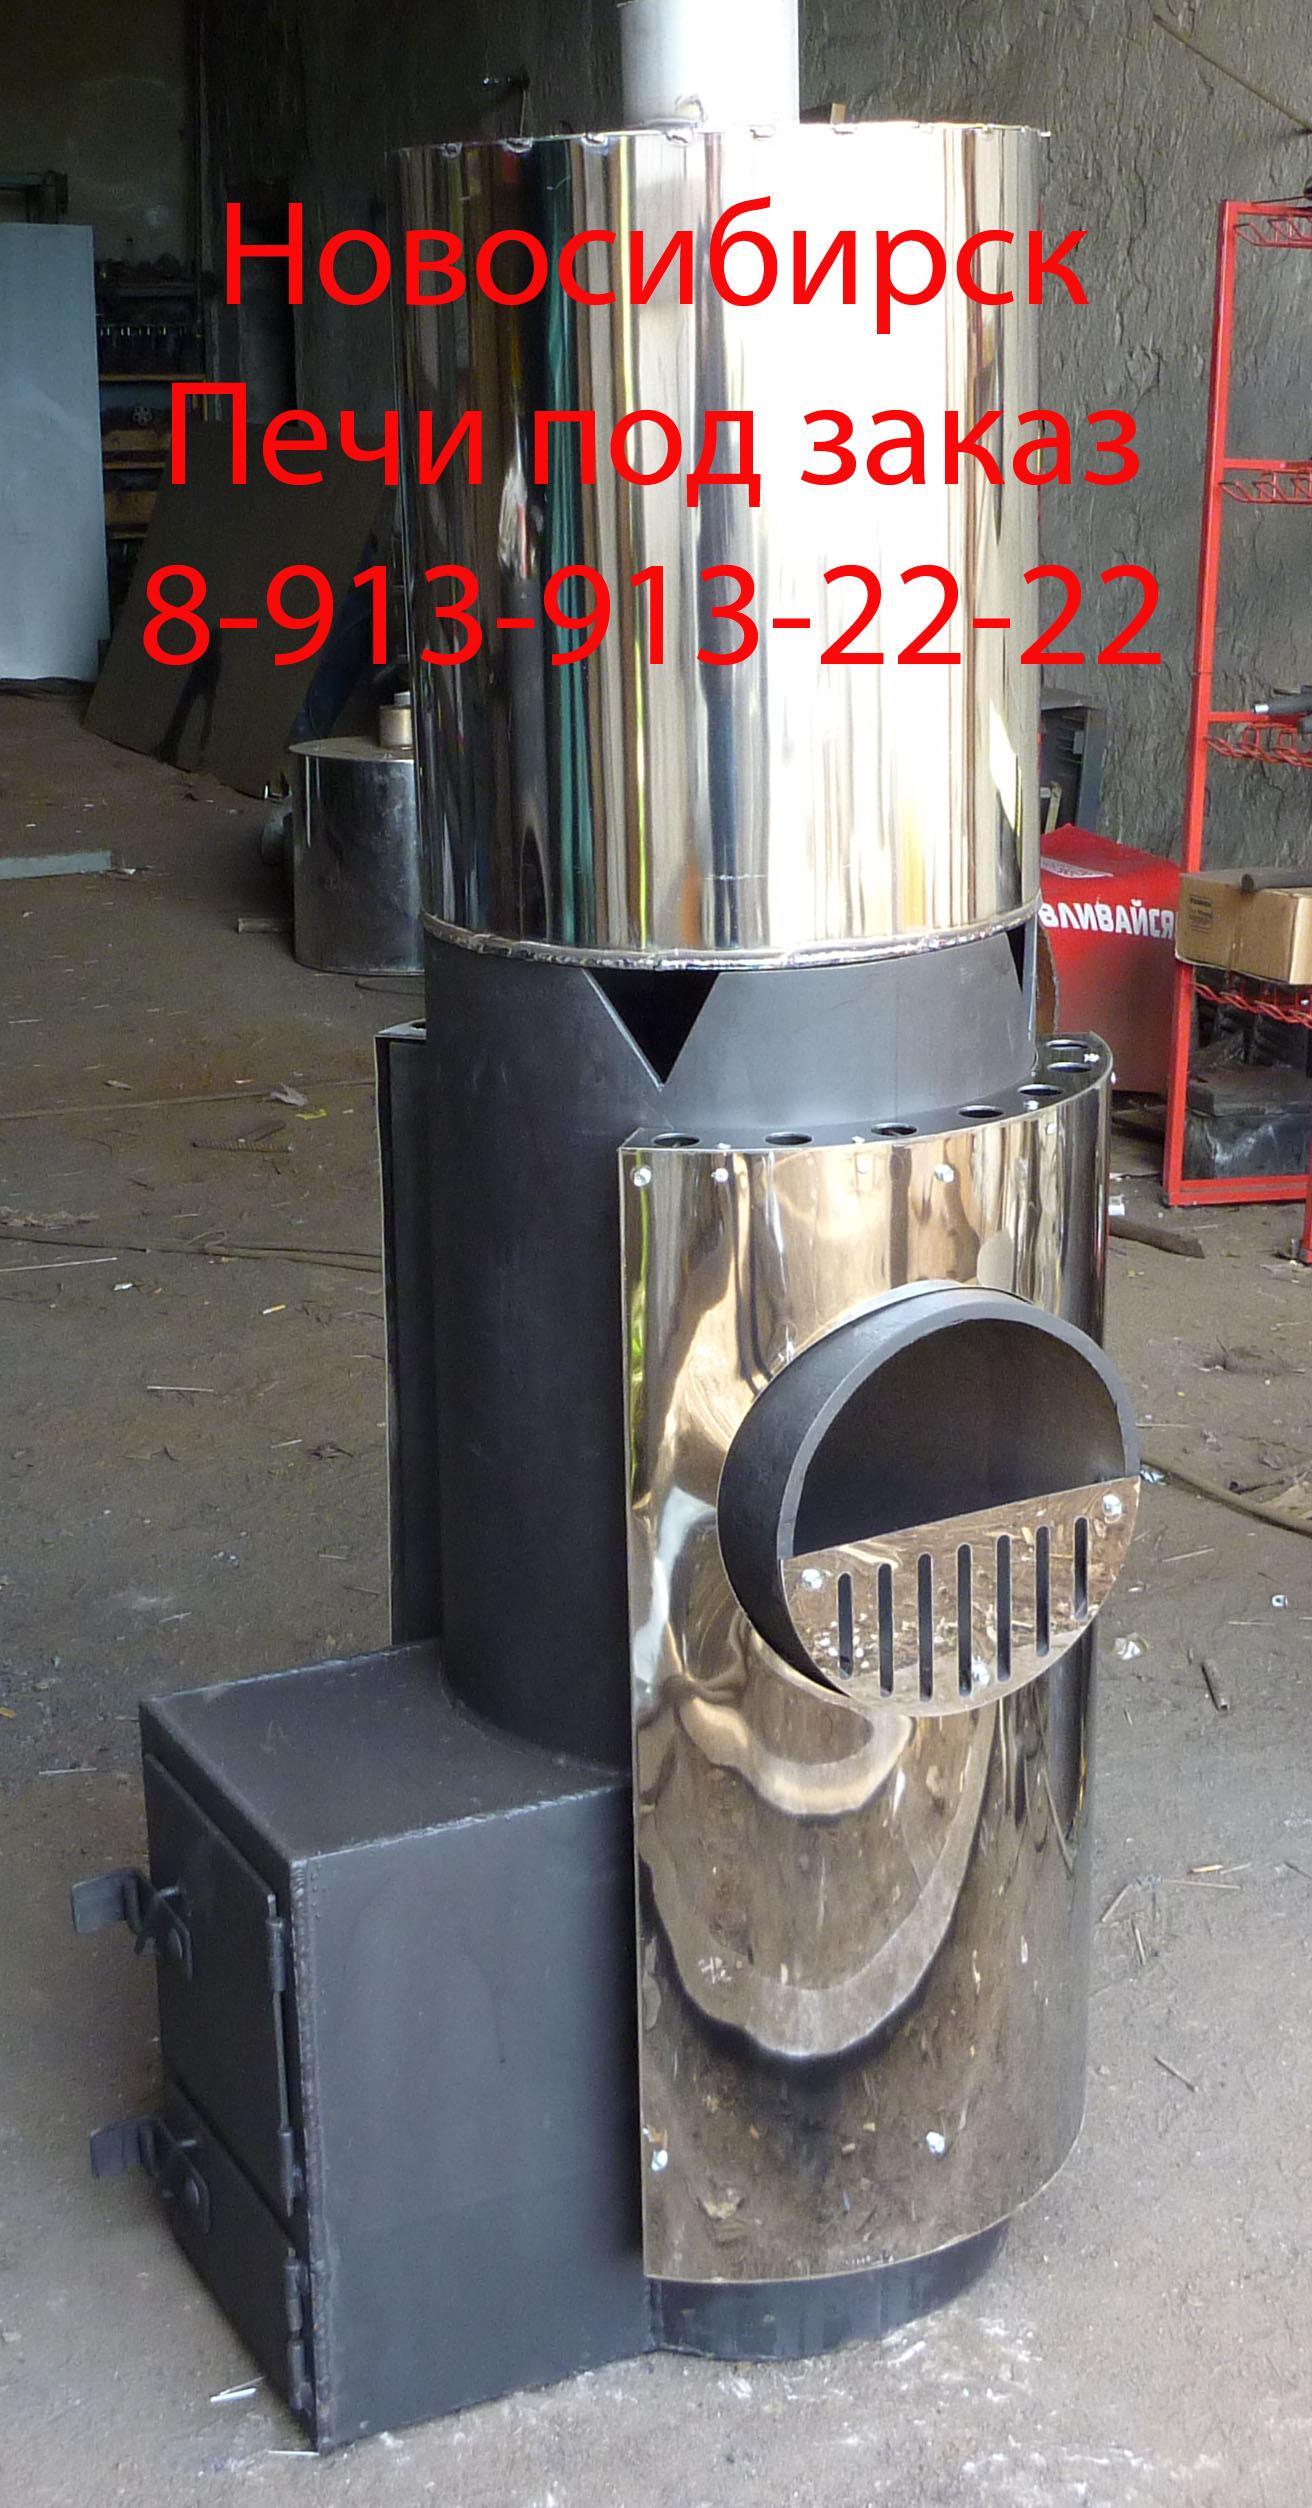 Печь из трубы для бани: вертикальная и горизонтальная 64